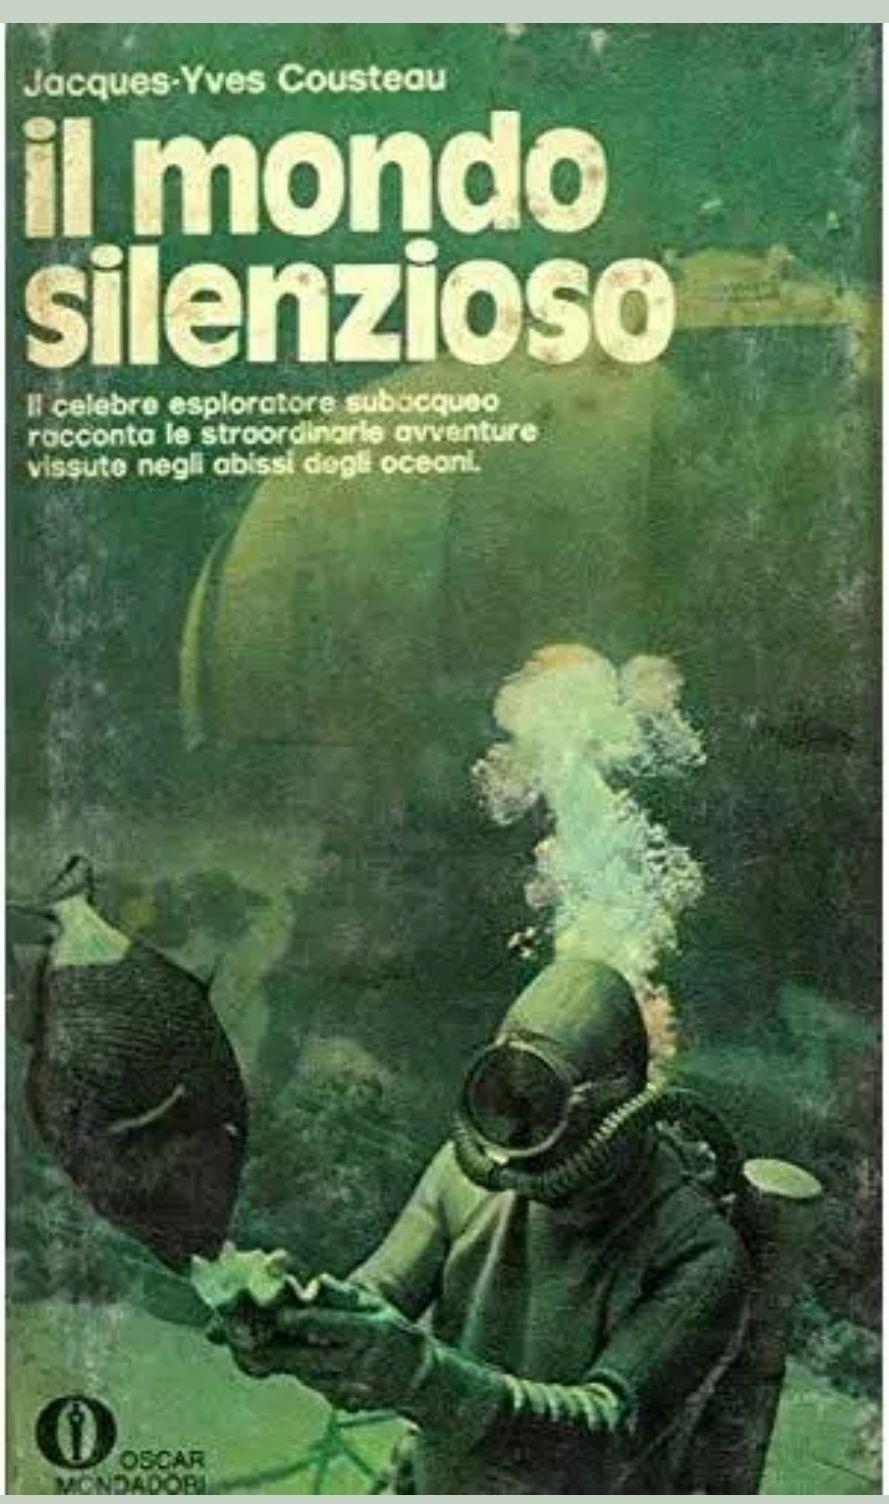 """""""Il mondo silenzioso"""" di Jacques-Yves Cousteau in bancarella"""